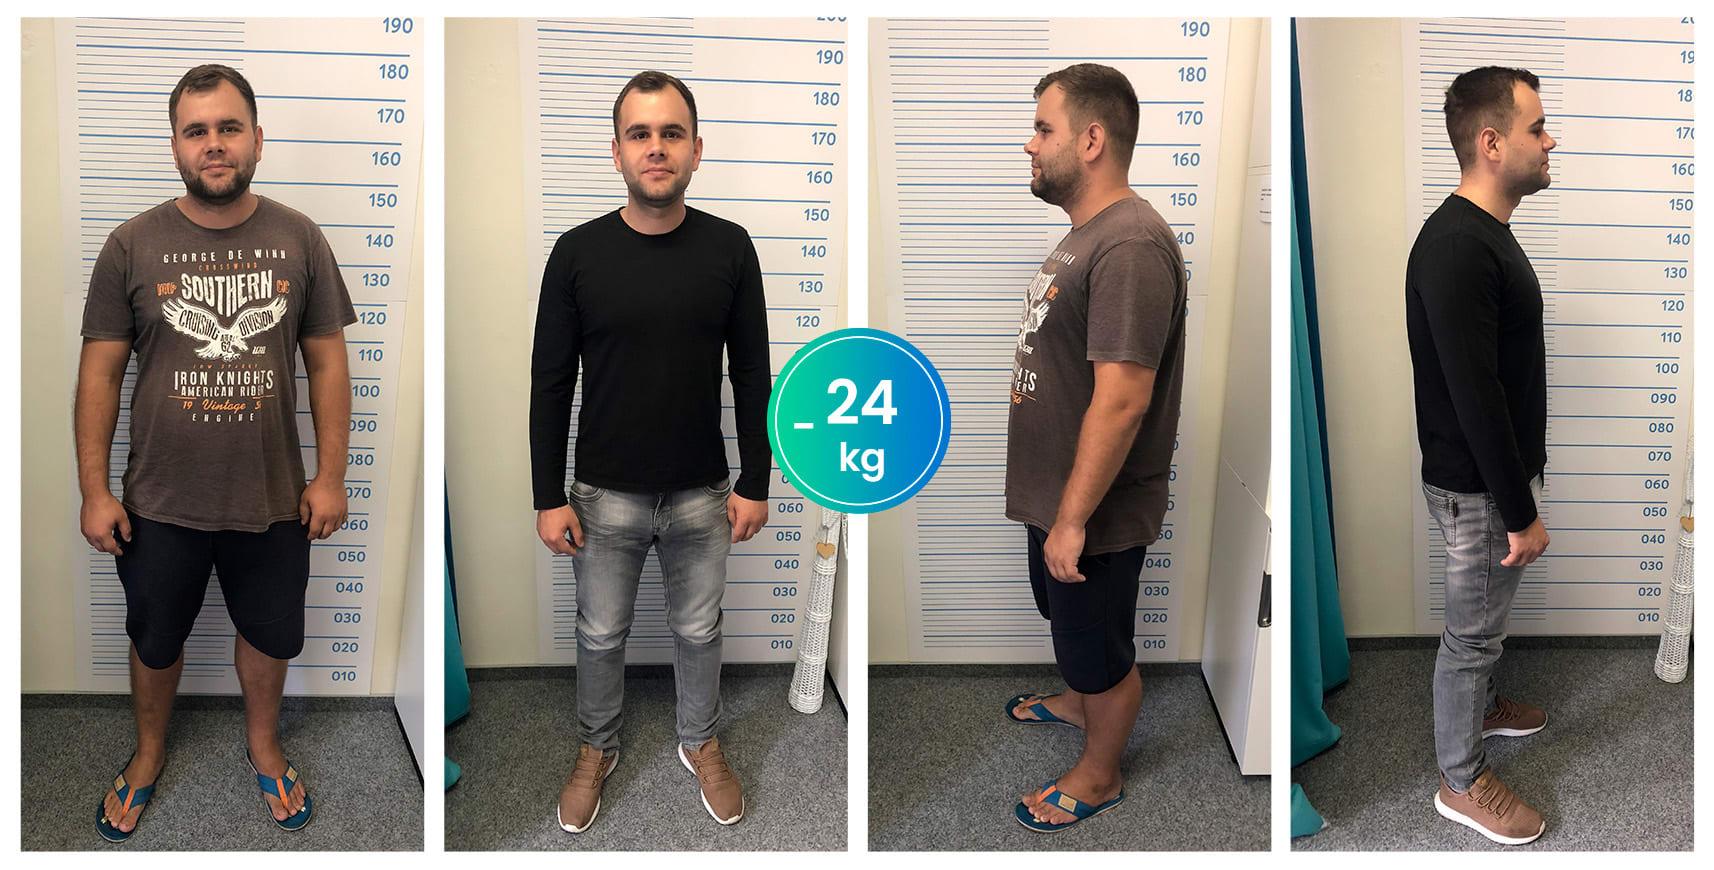 Keď sa moja váha zastavila na 110 kg, skúsil som diétu It's my life!